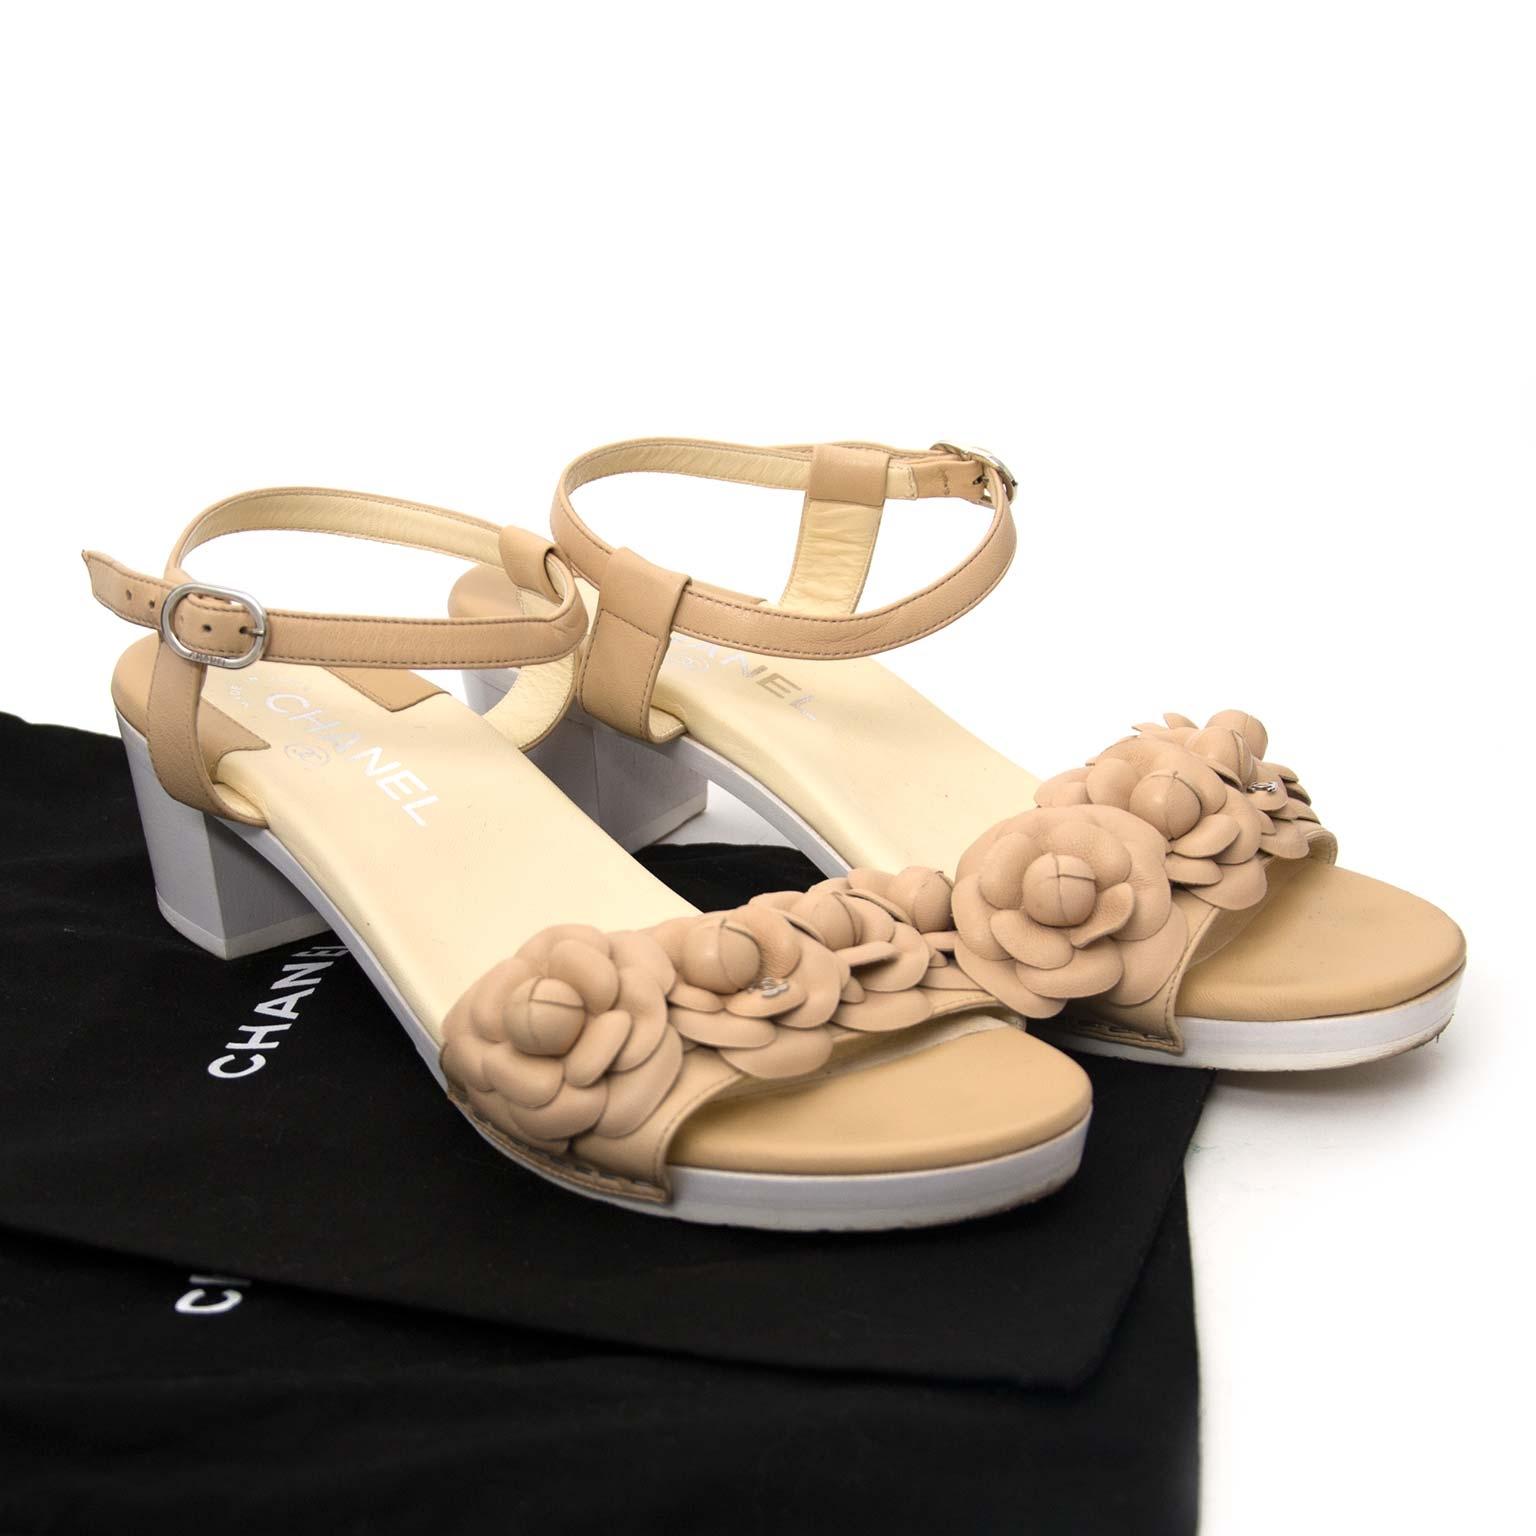 shop safe online Chanel Beige Leather Camellia Flower Sandals